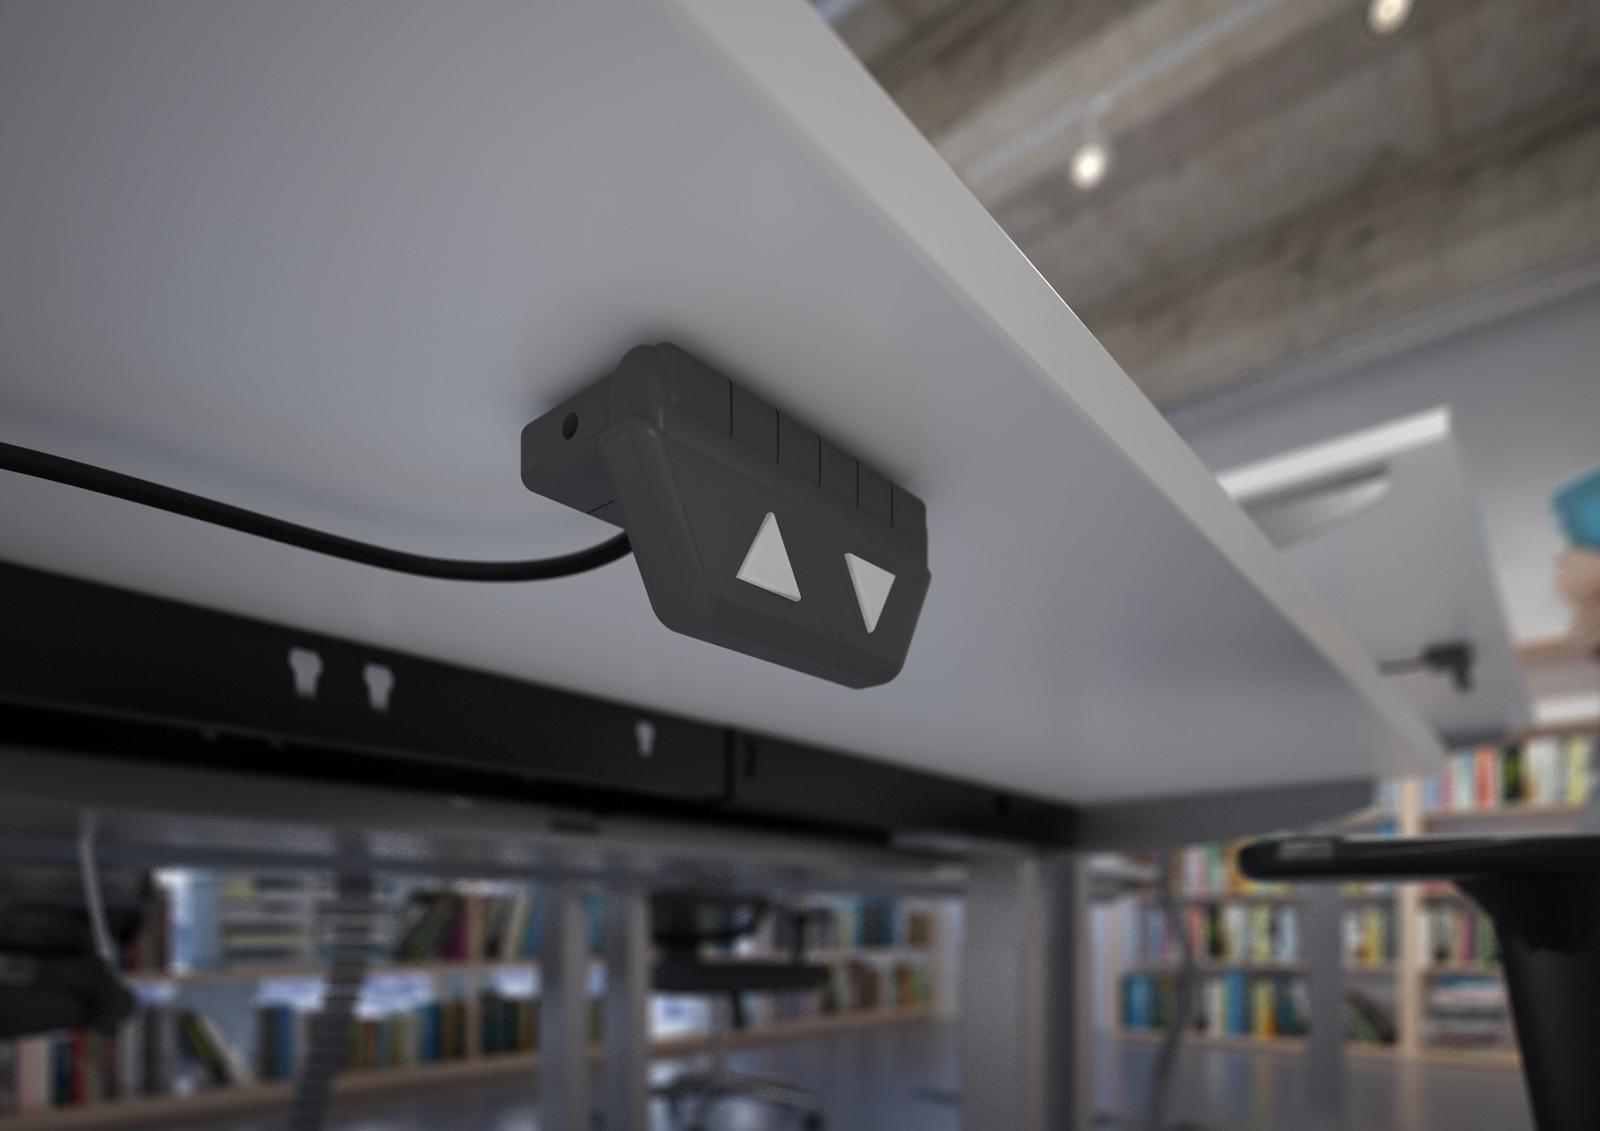 Desking-Adjustable-IMAGE 10